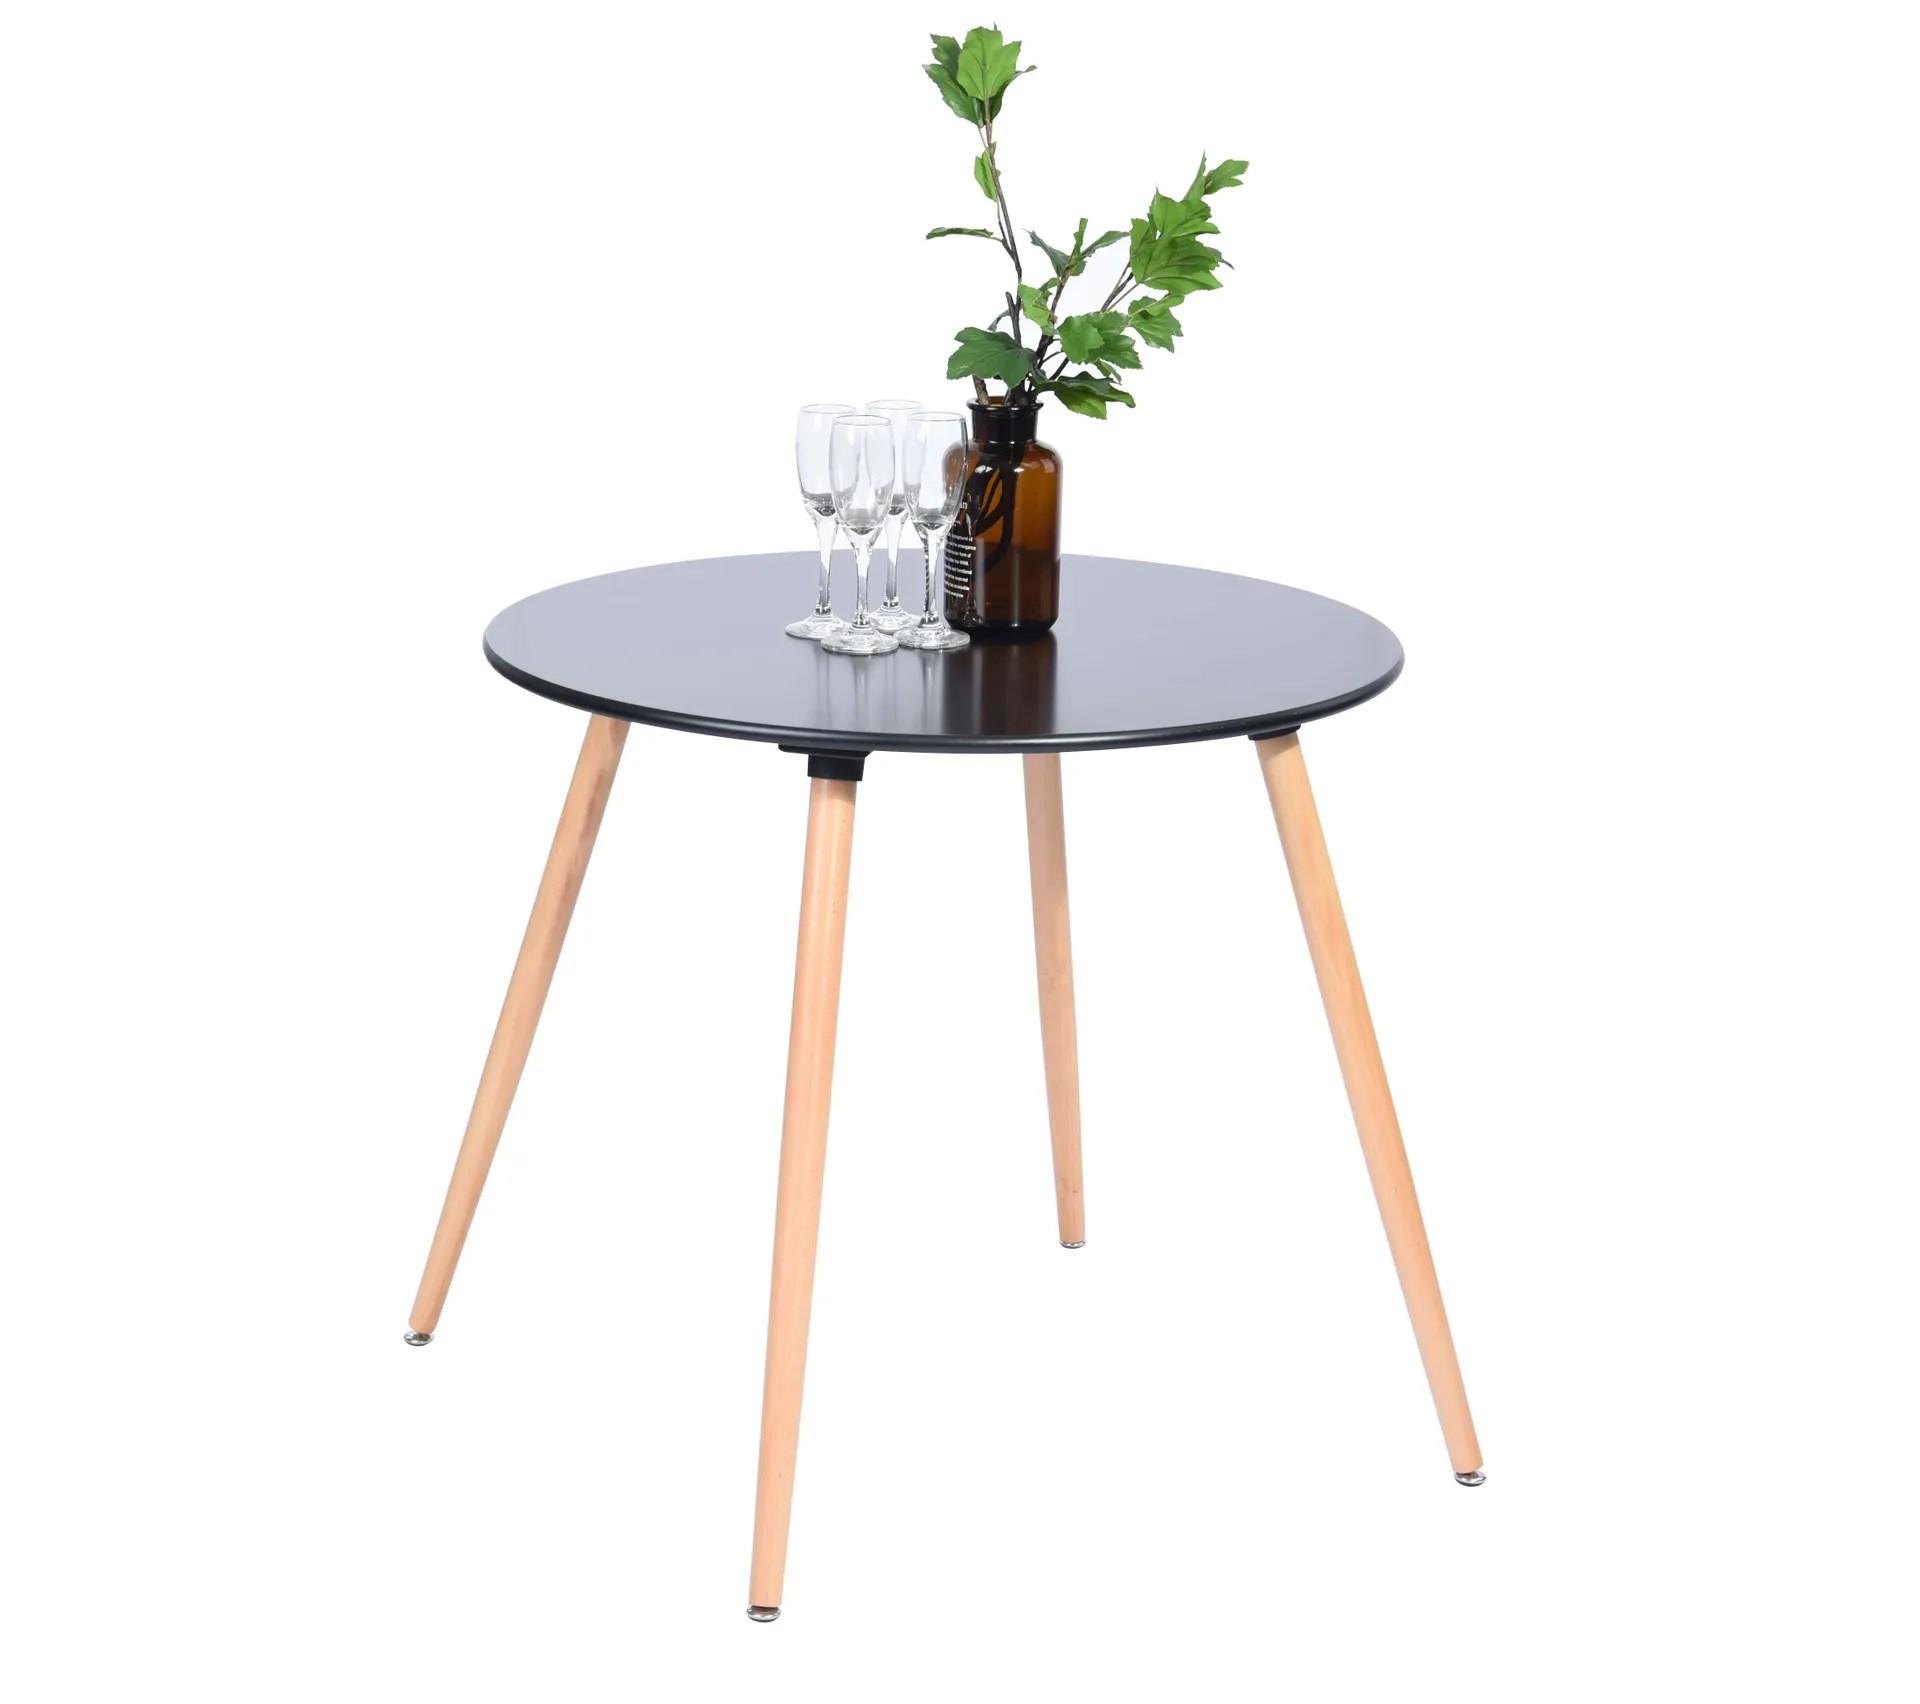 table a manger noire 4 places ronde bois 80 80 scandinave